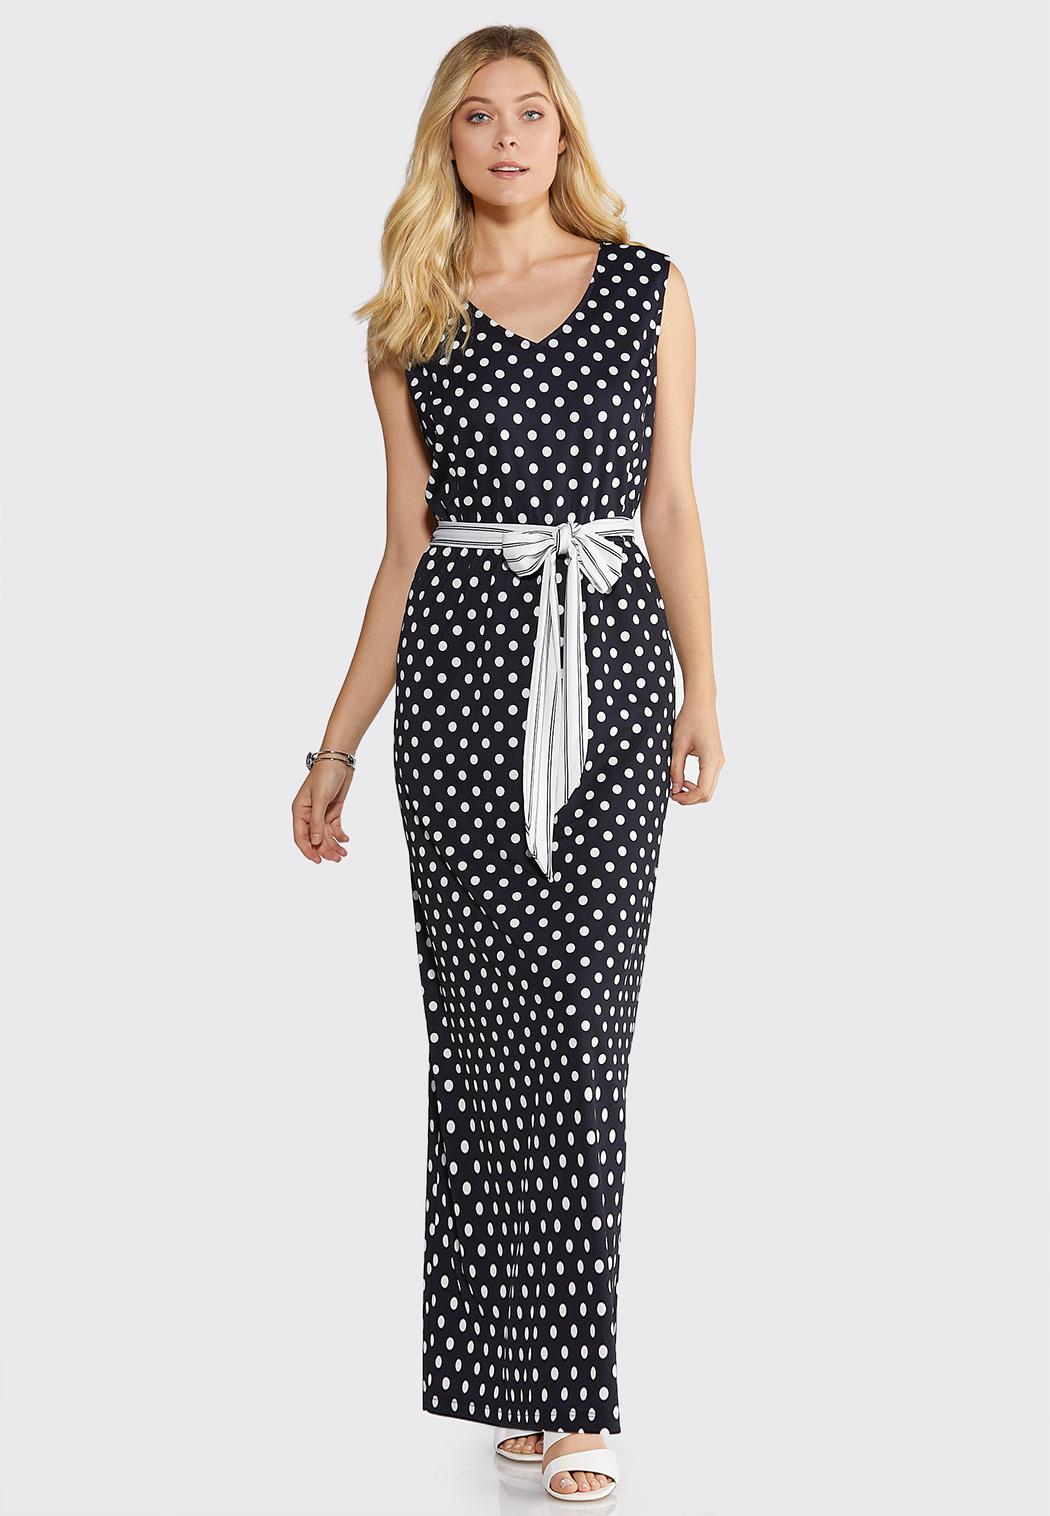 c305703a912 Plus Size Women s Clothing